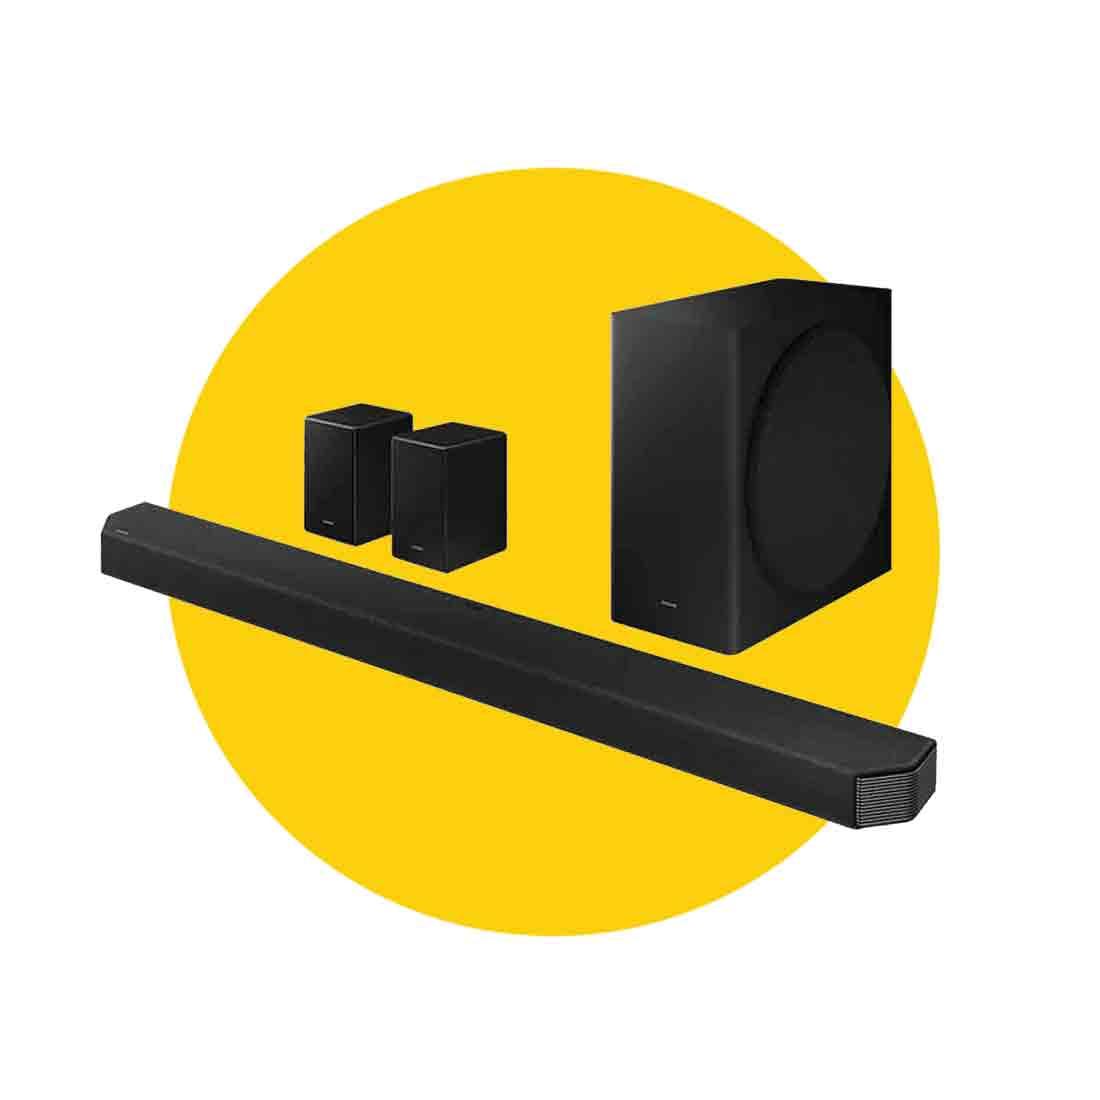 Samsung Soundbar Image